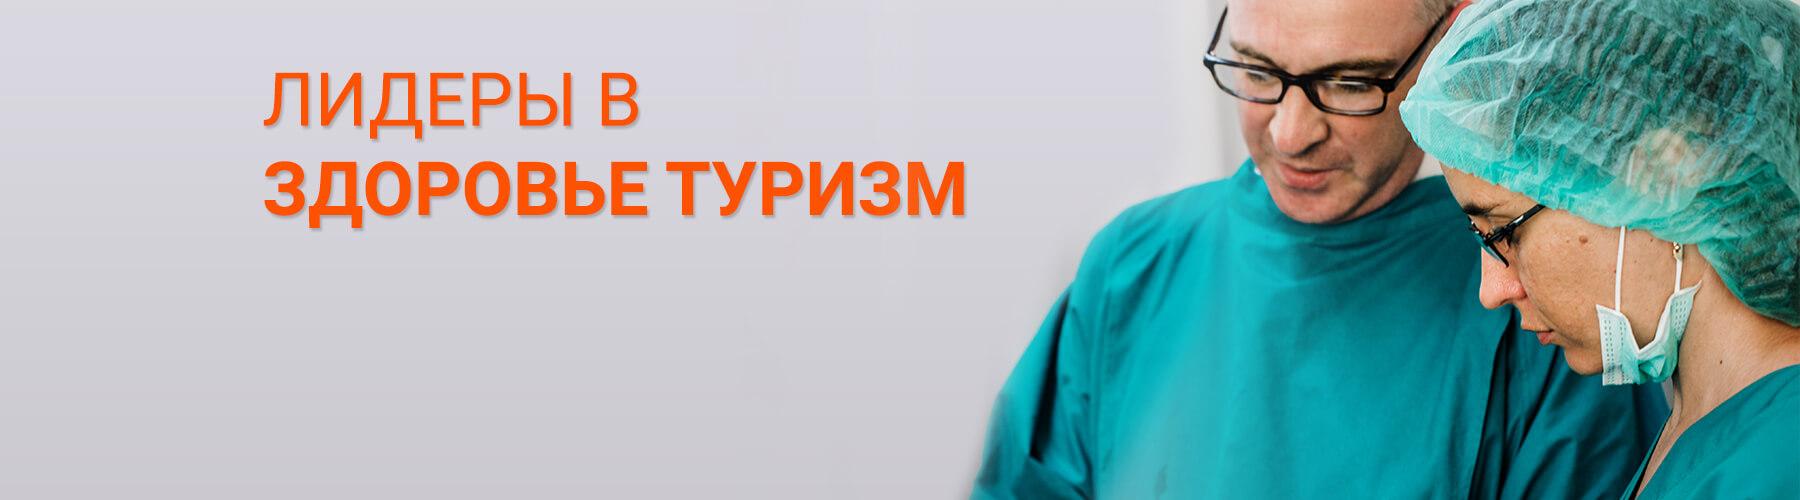 cabecera-ru